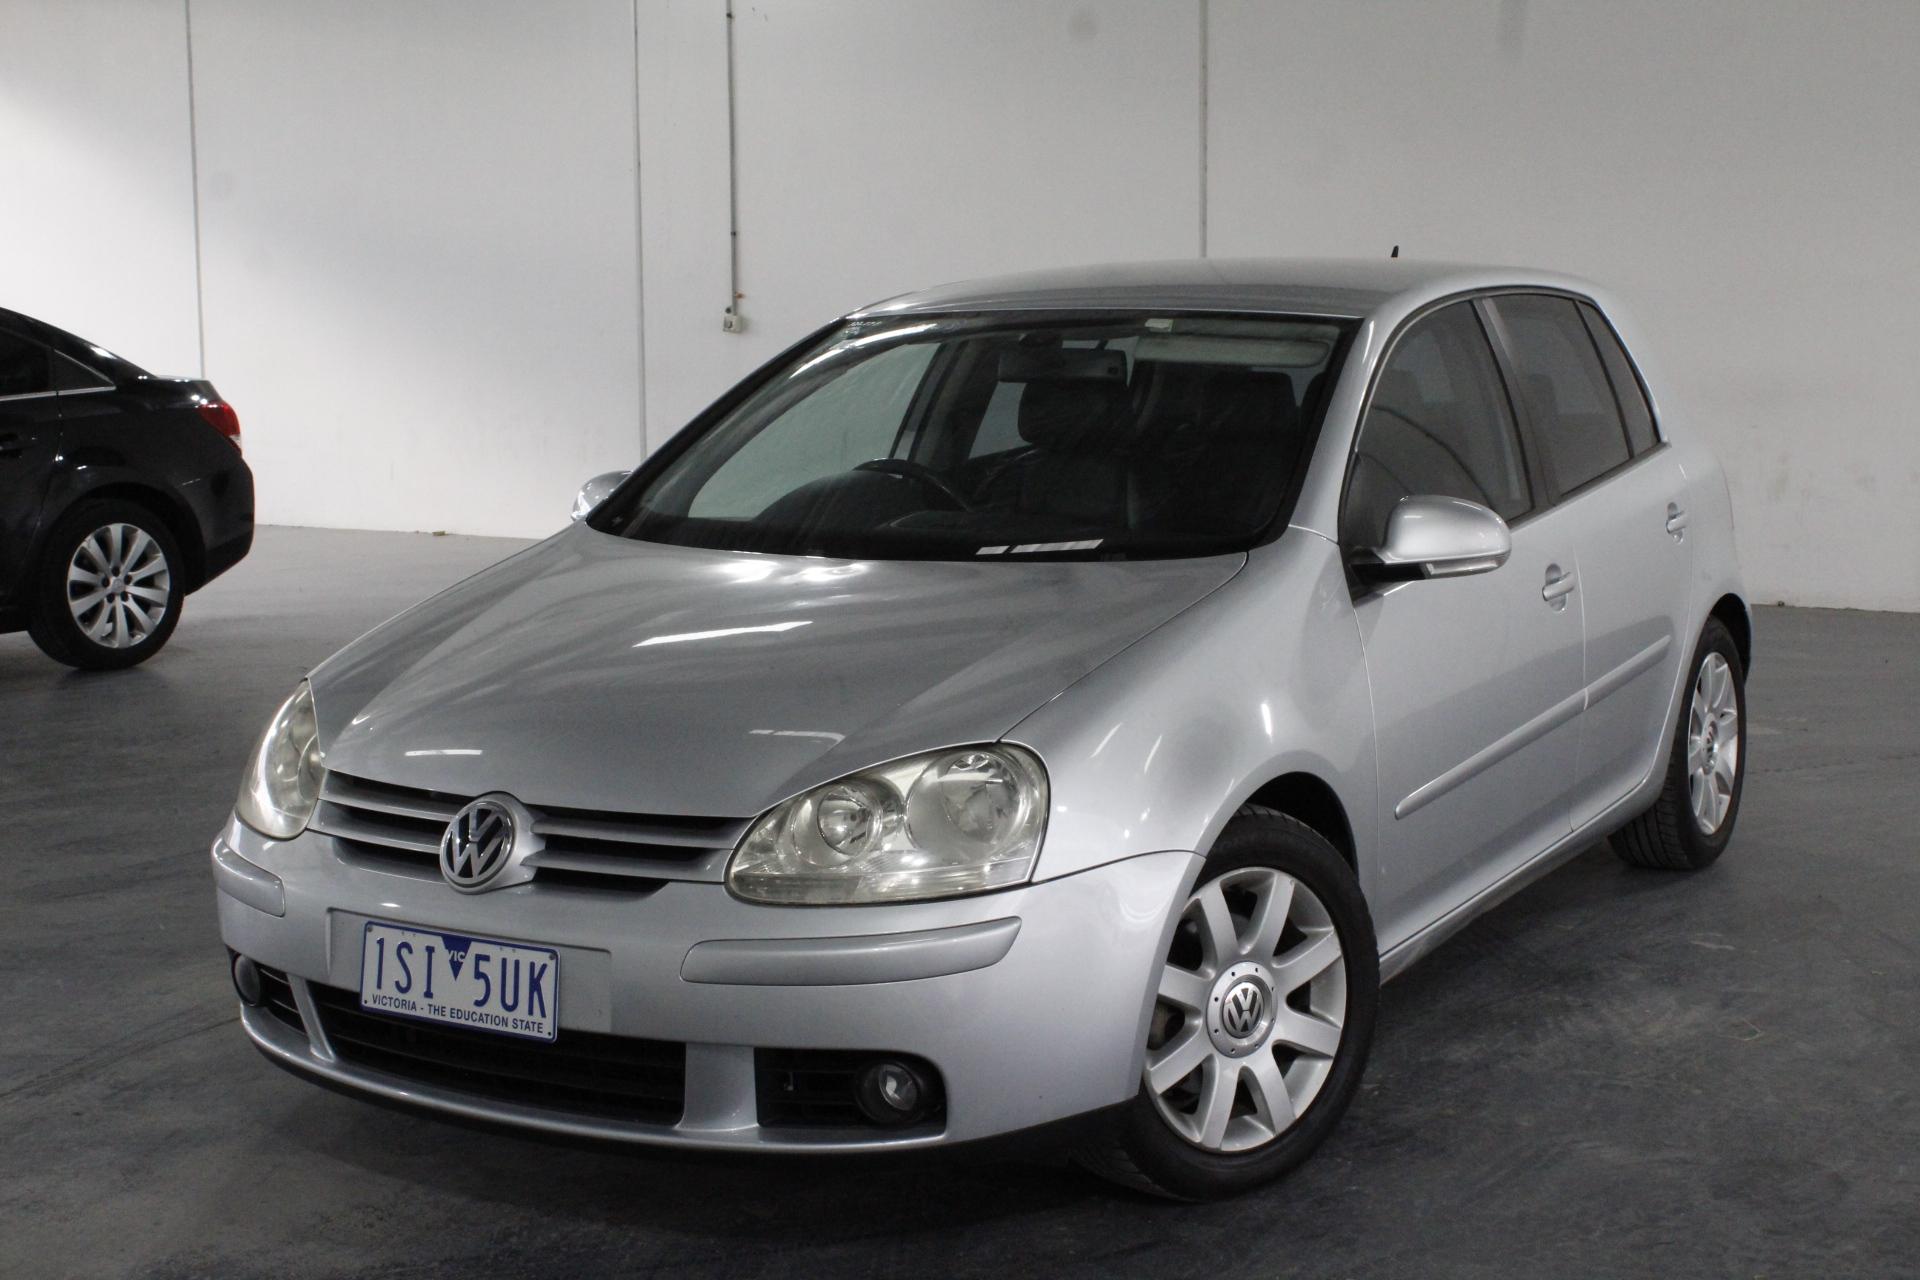 2005 Volkswagen Golf 2.0 FSI Sportline 1k Automatic Hatchback